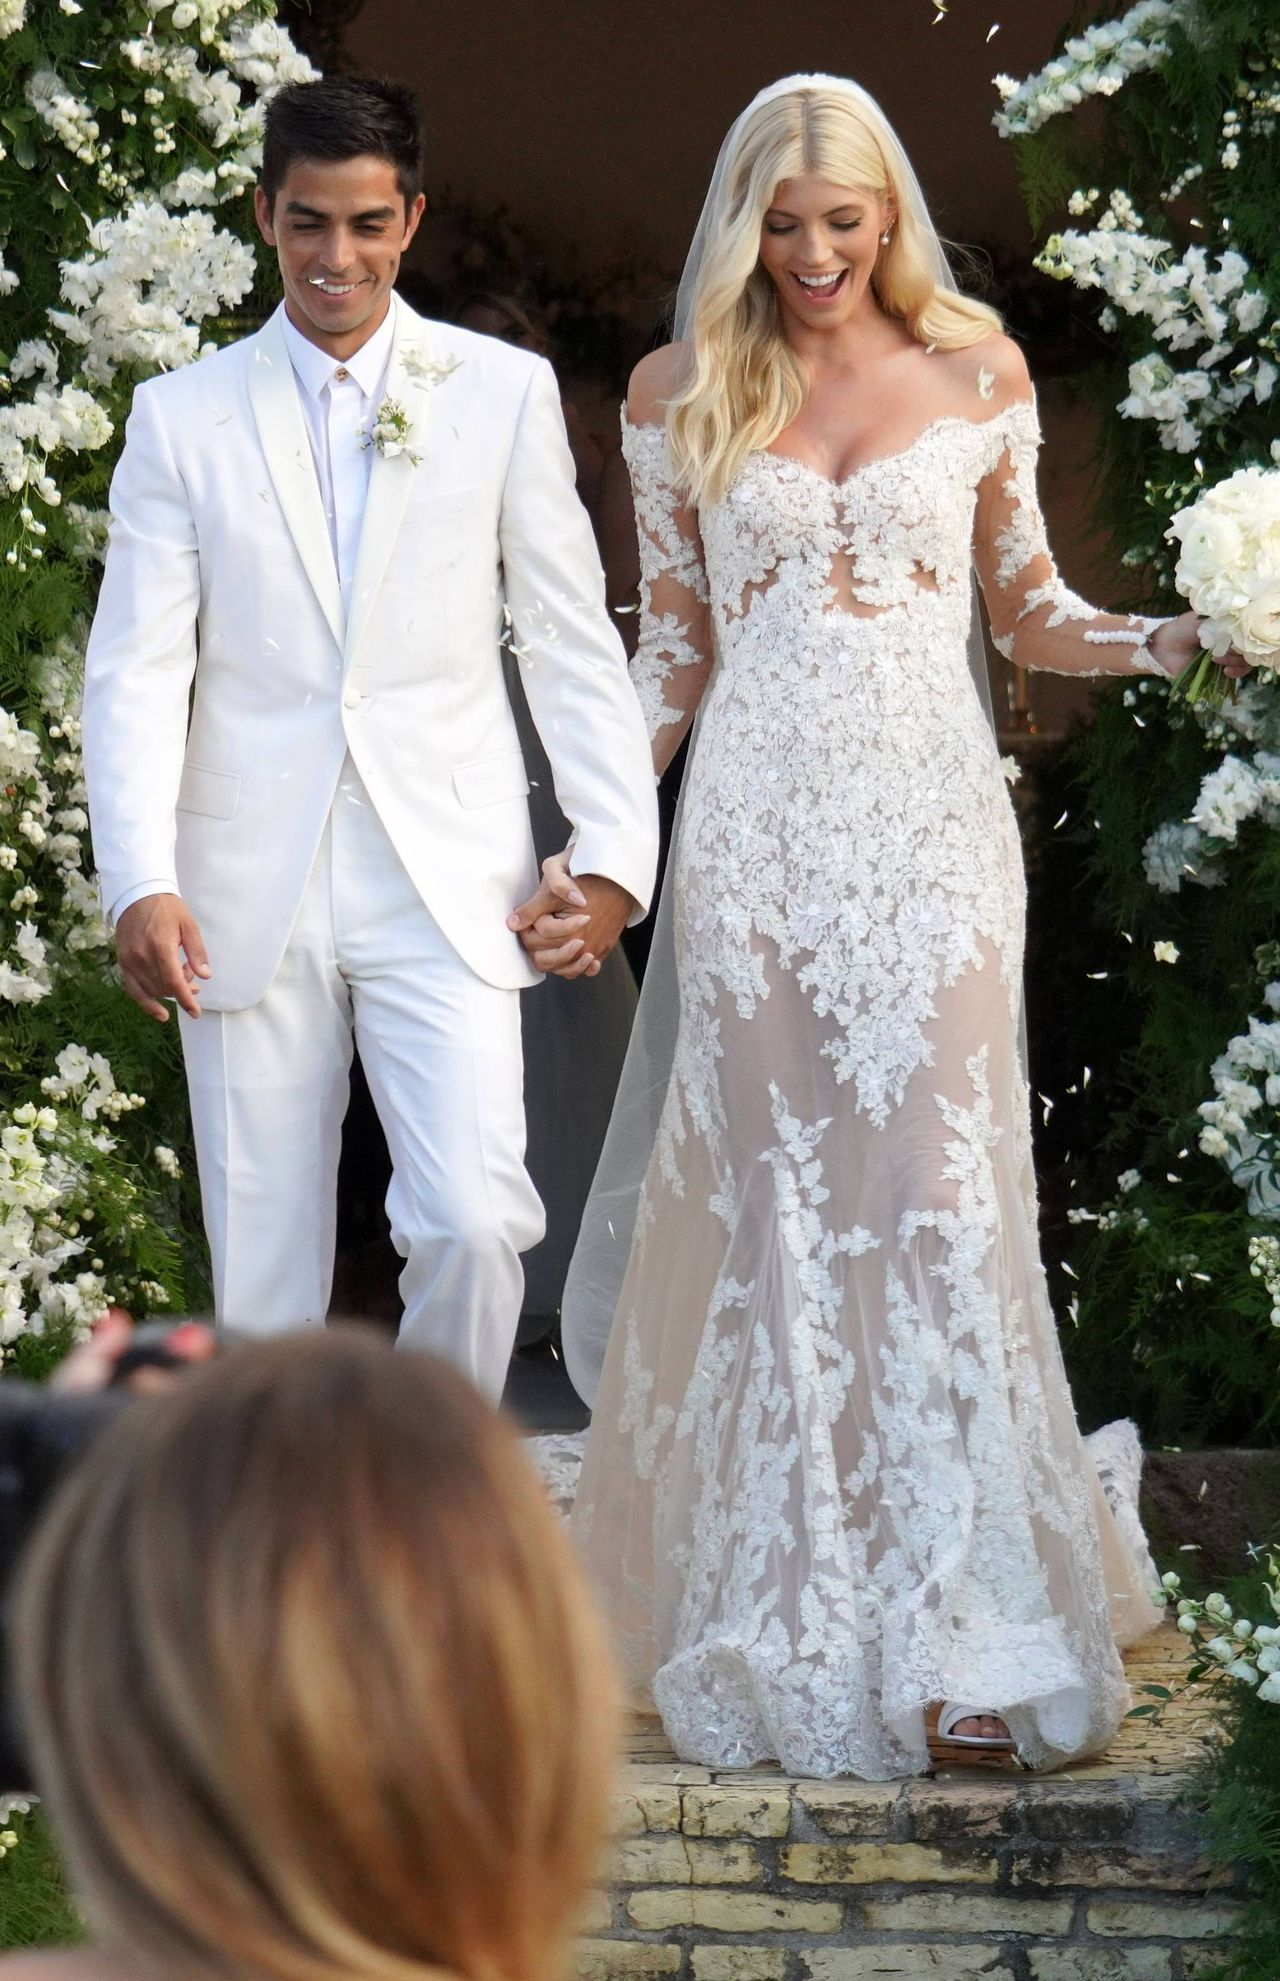 Aniołek Victoria's Secret, Devon Windsor, wyszła za mąż – wyglądała BOSKO w sukni z koronki